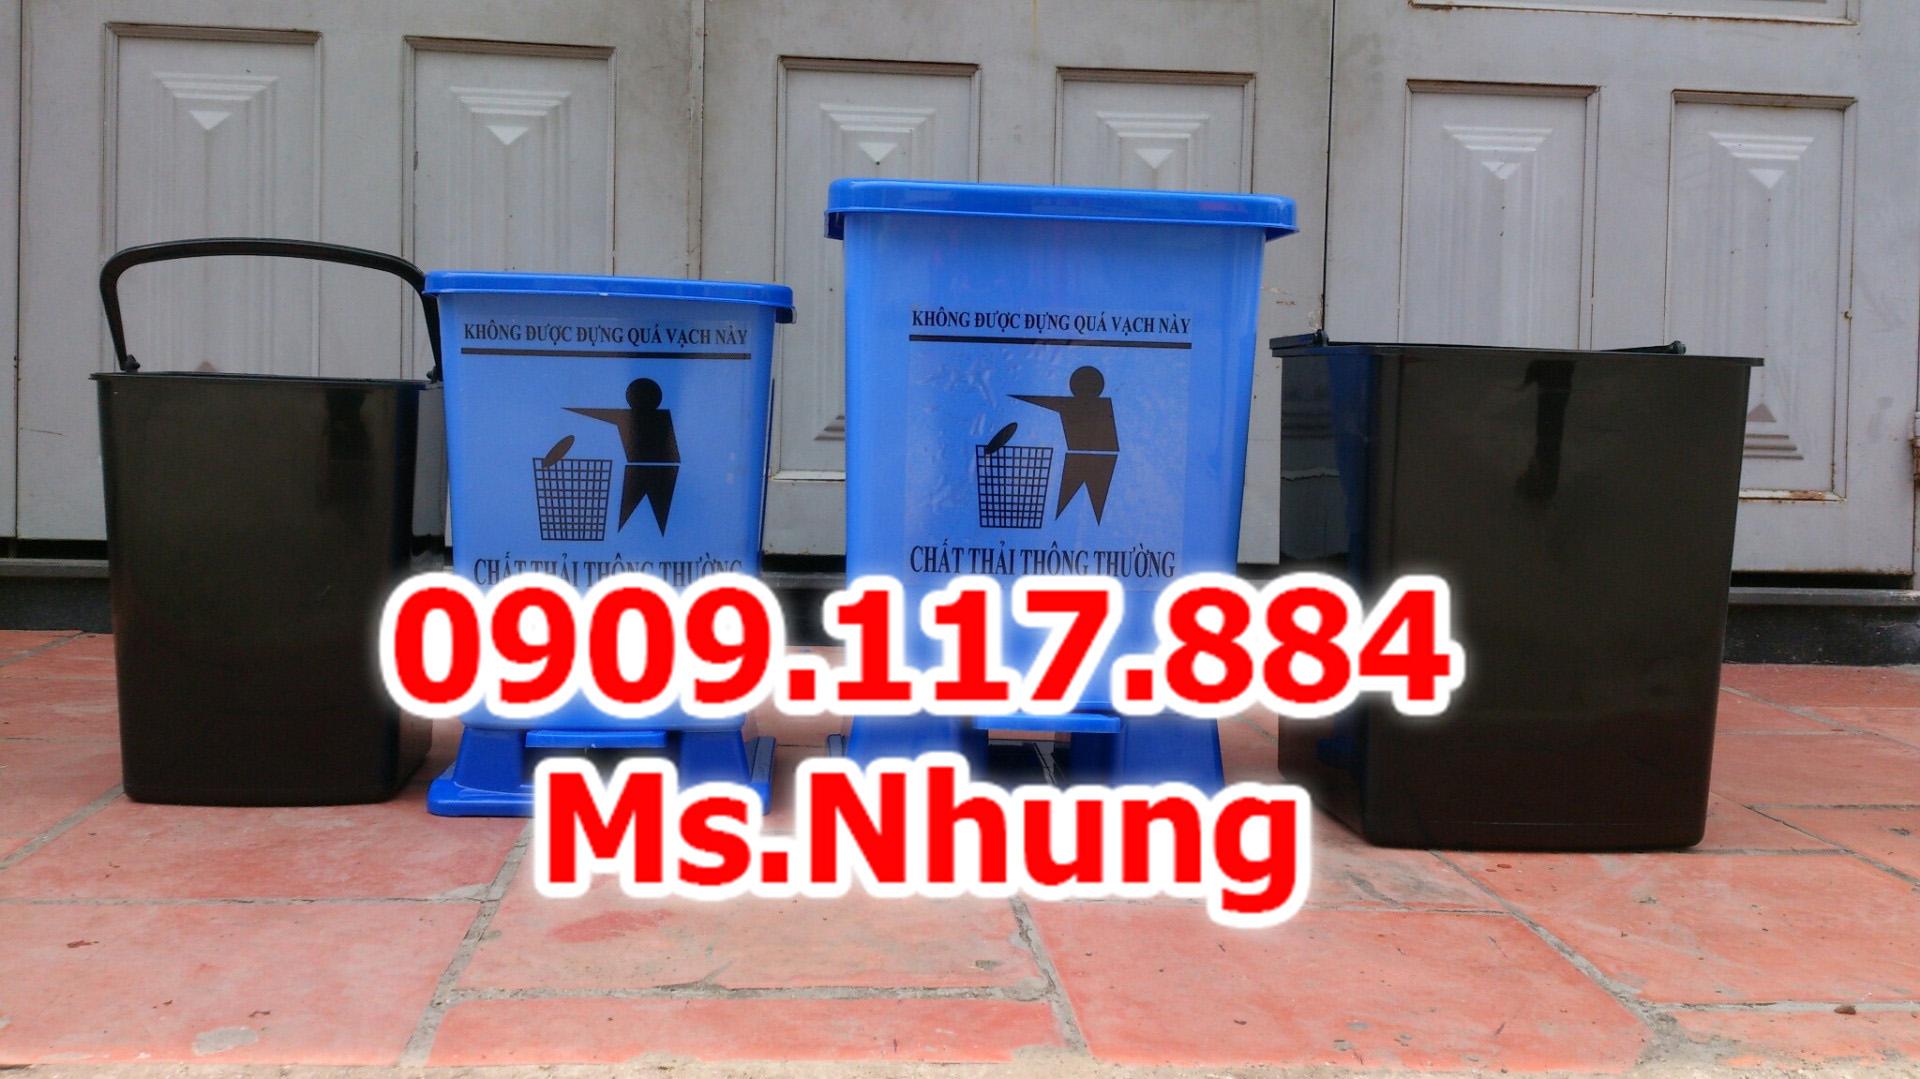 Công ty TNHH SX TM Nhựa Tốt